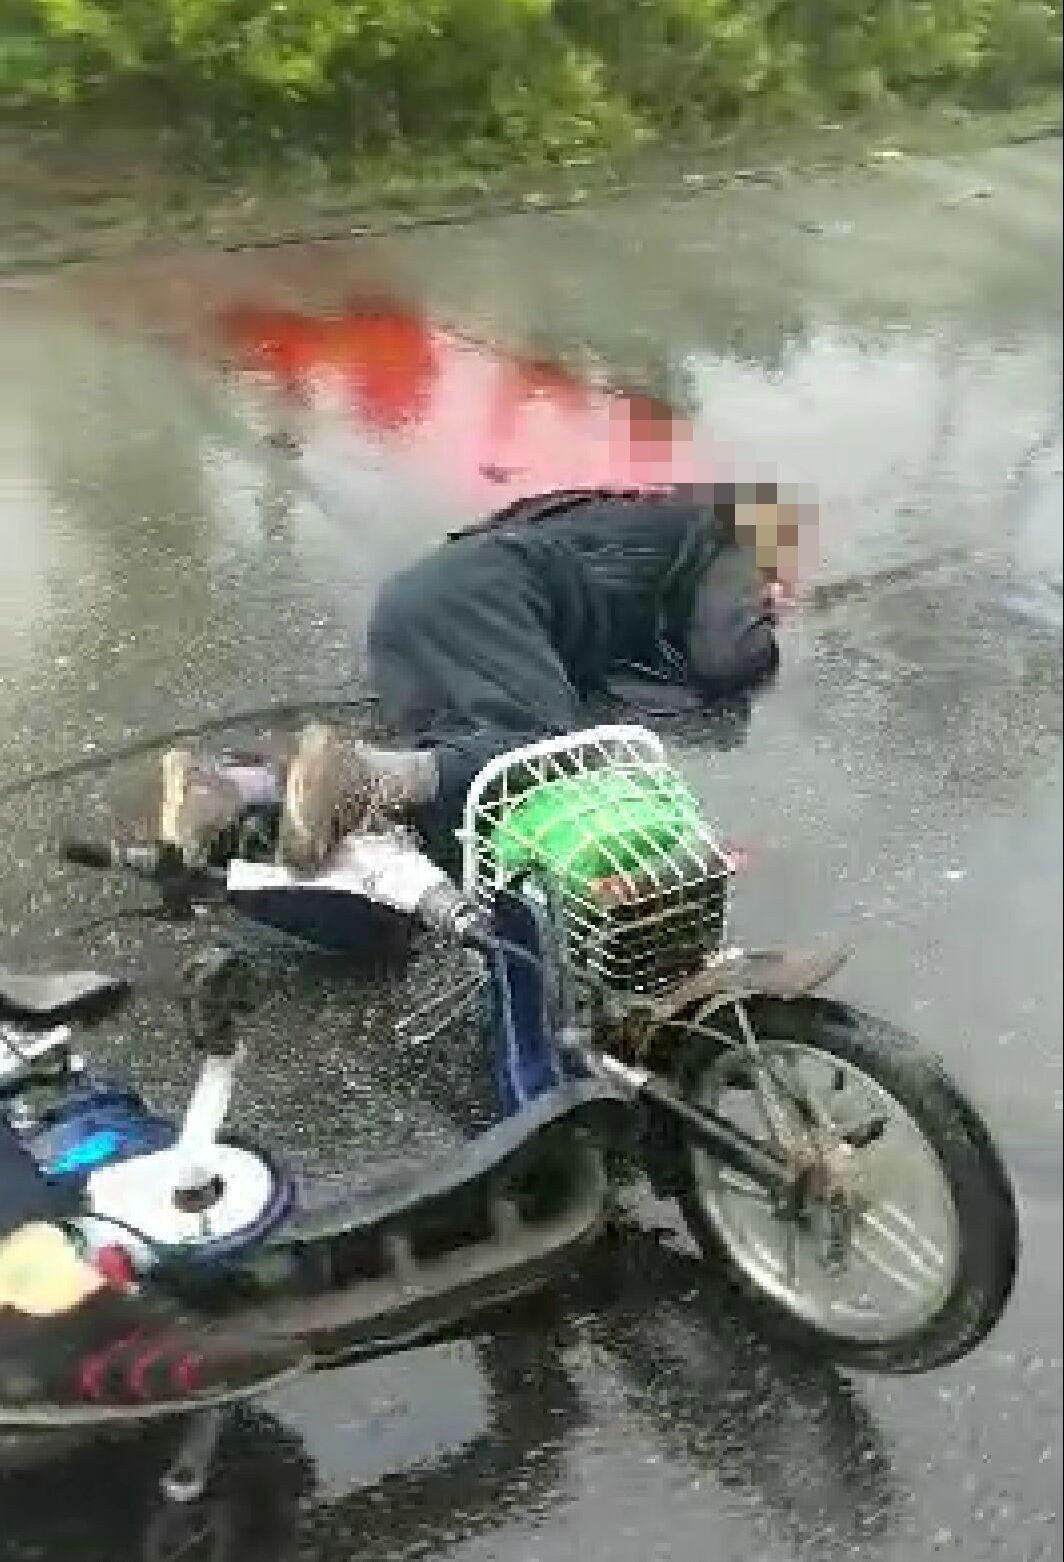 湖州惨烈车祸原�_[头条]高邮老夫妻骑电动车宝应遇惨烈车祸!现场还有一